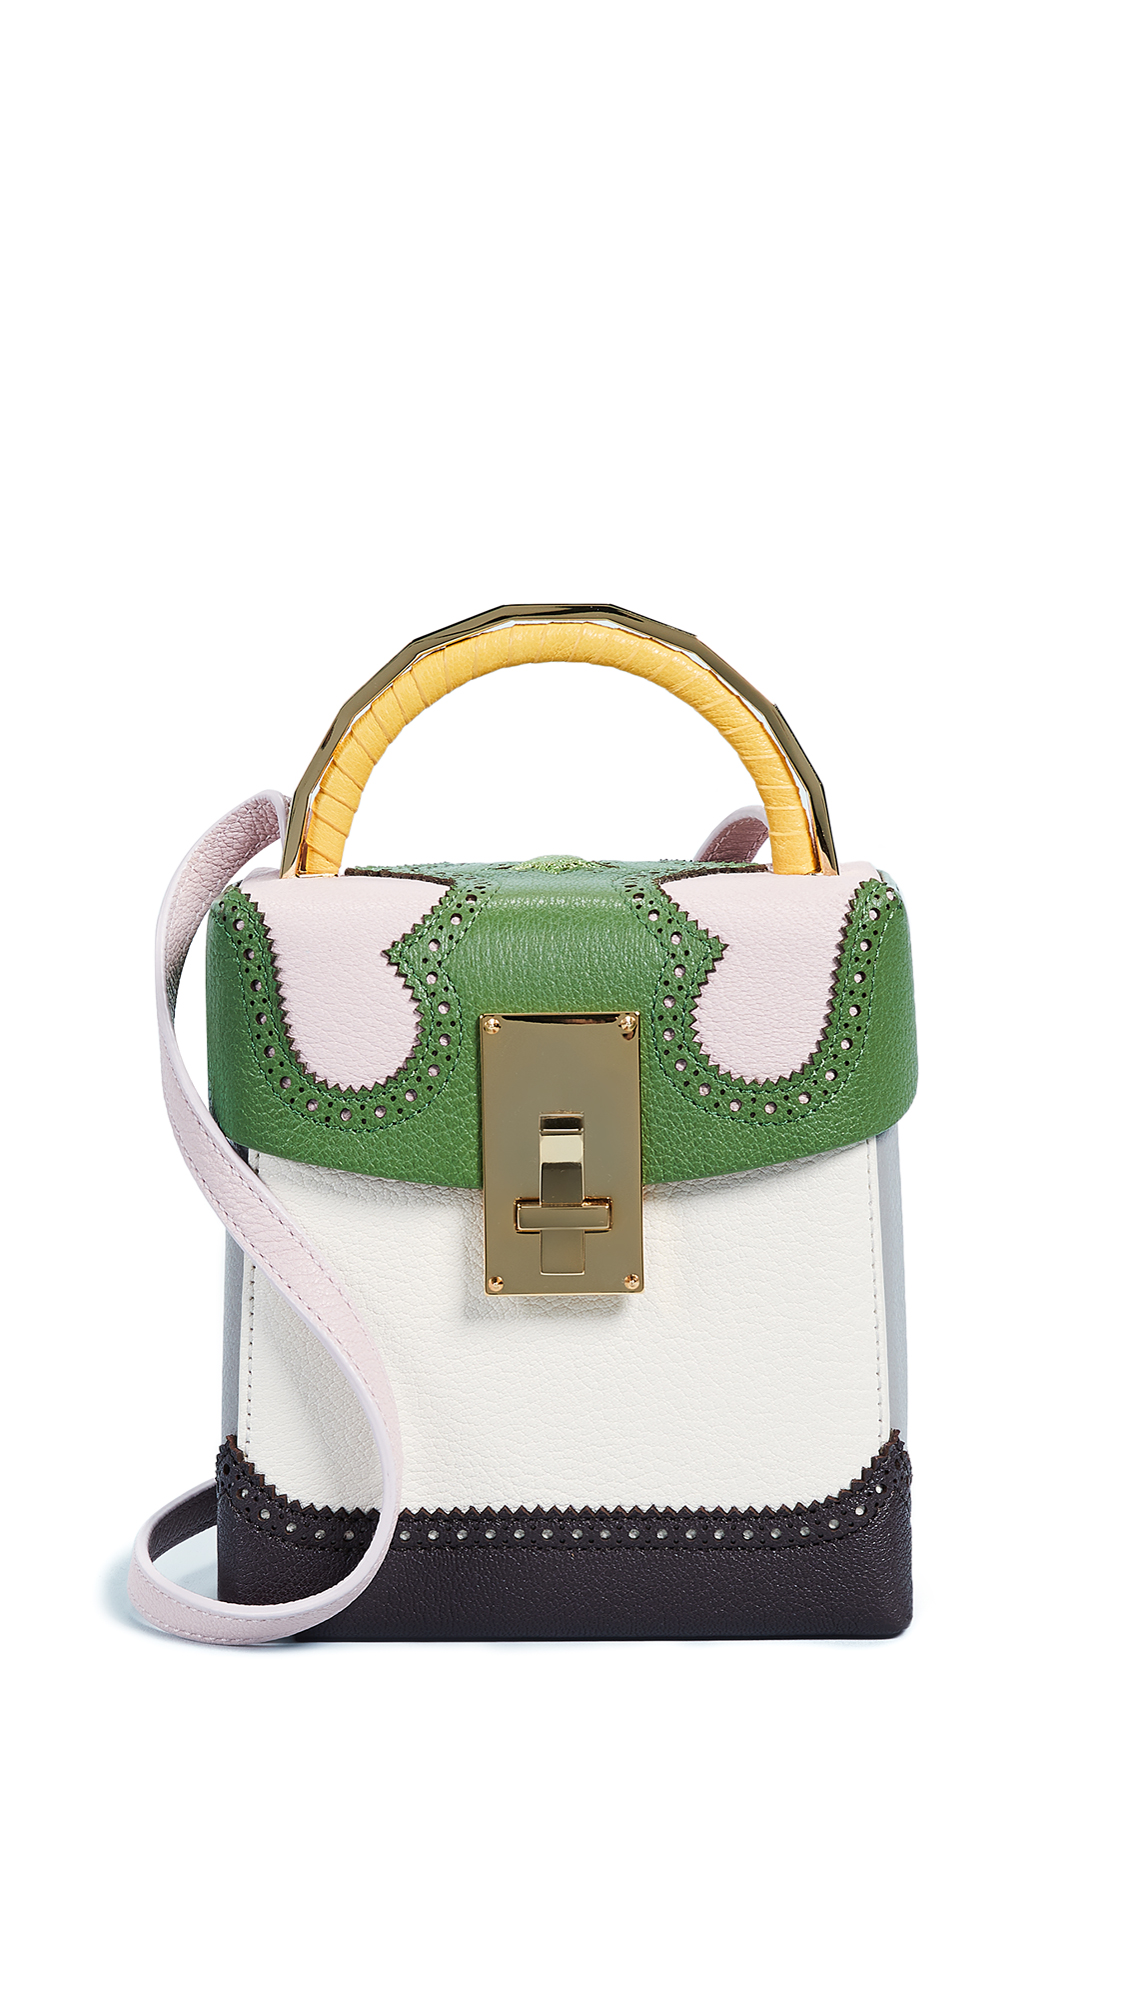 THE VOLON Alice Box Bag